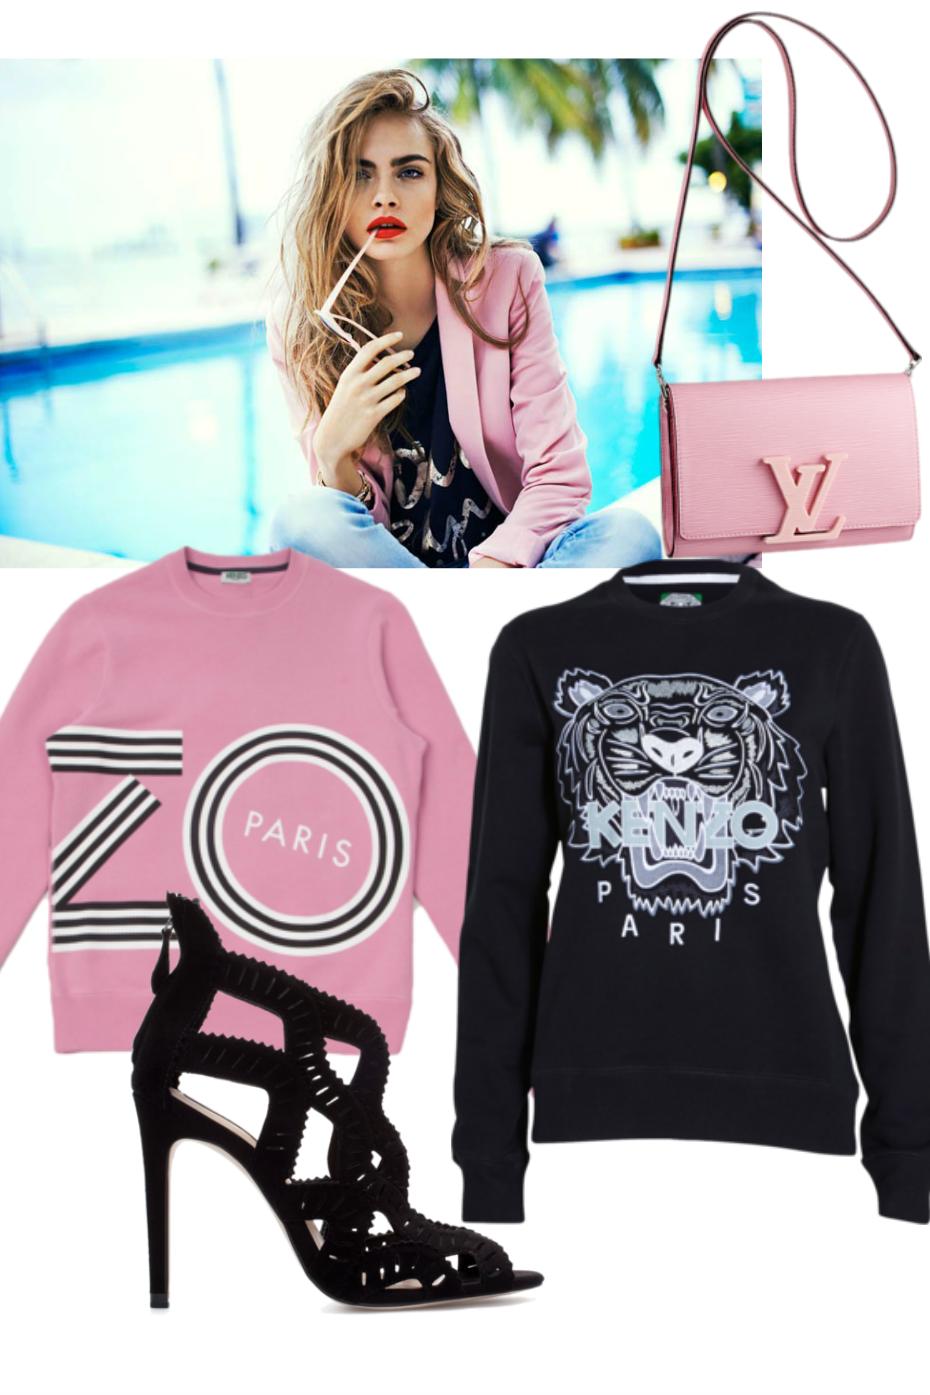 shopstop 2014  week 3